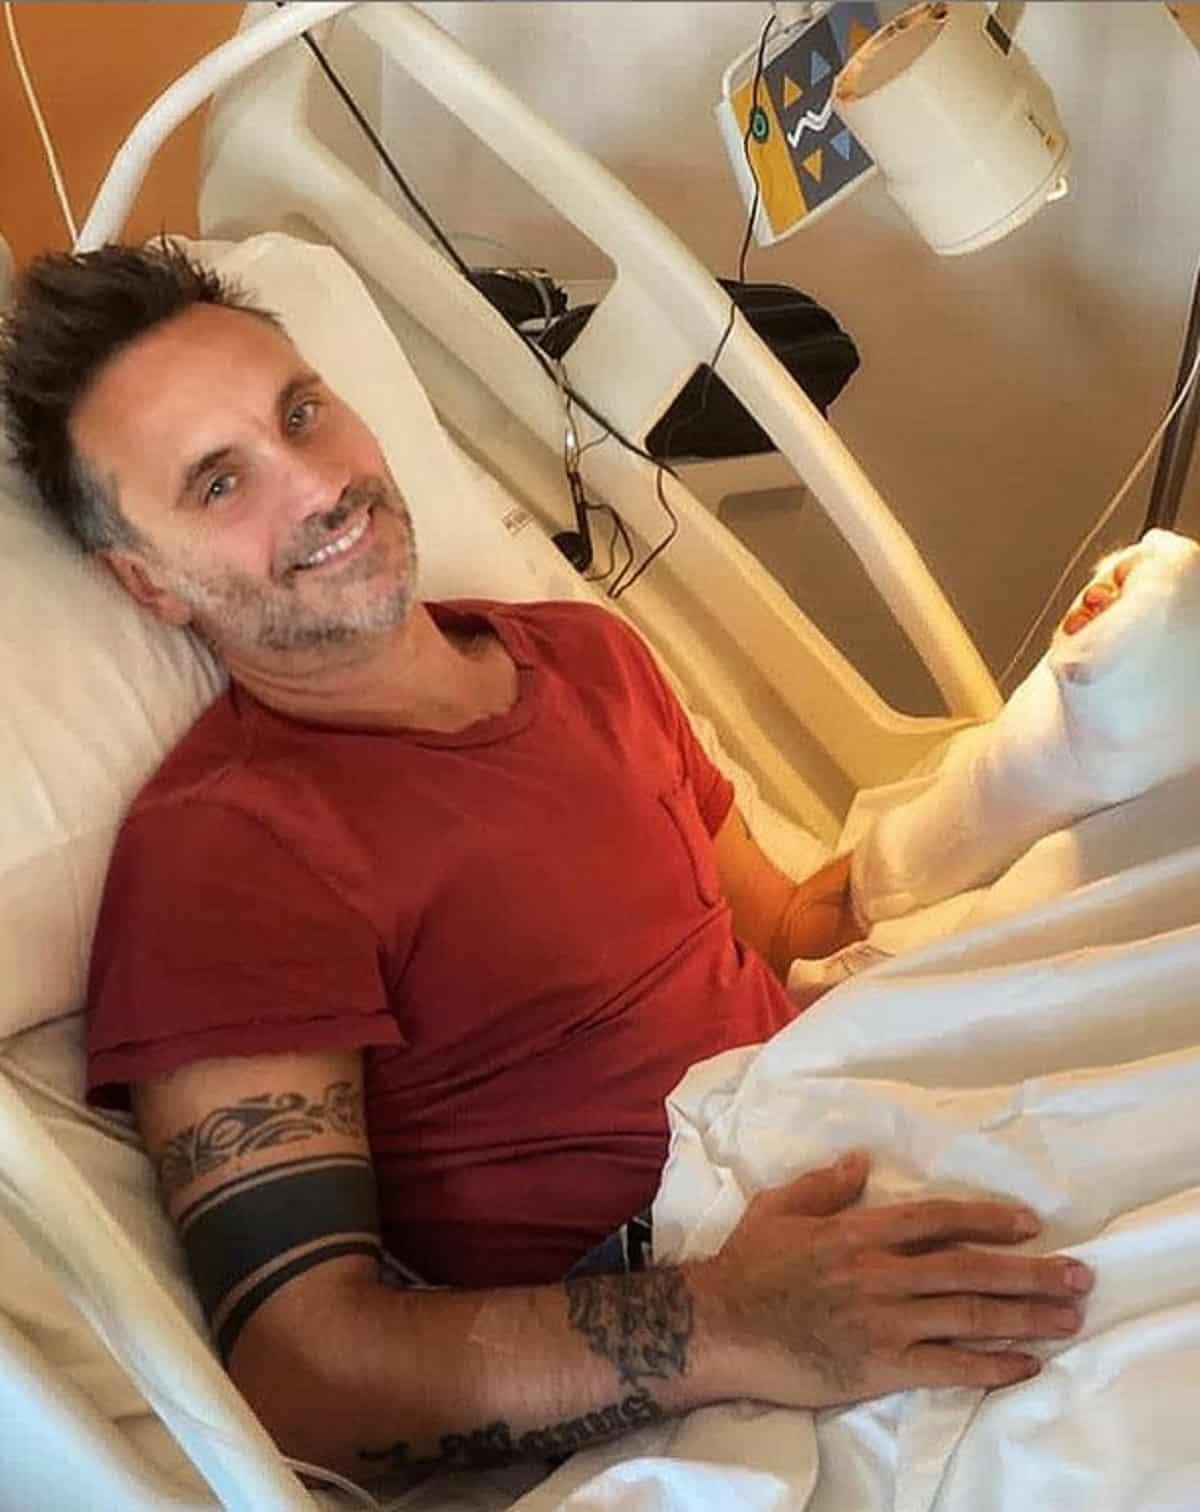 Nek ricoverato in ospedale per un incidente: quali sono le sue condizioni